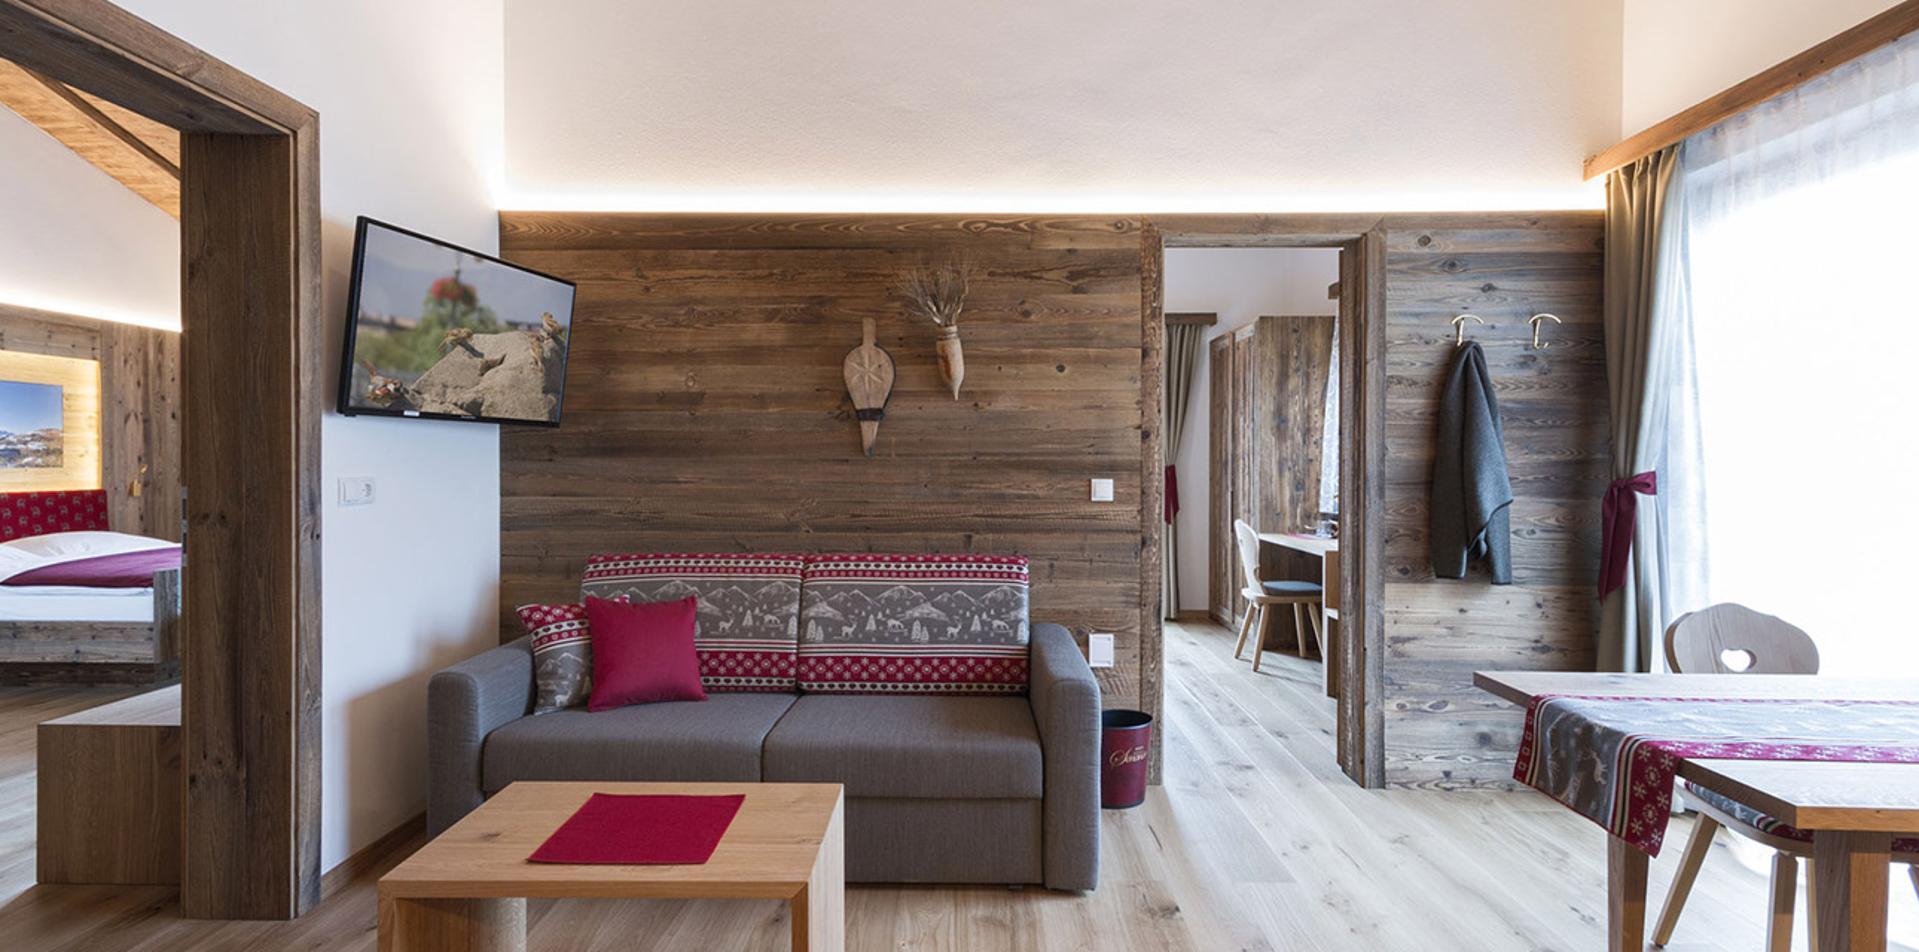 Ecco Le Camere Dell Hotel Senoner Suite 3 Stanze Suite Suite 3 Stanze Suite